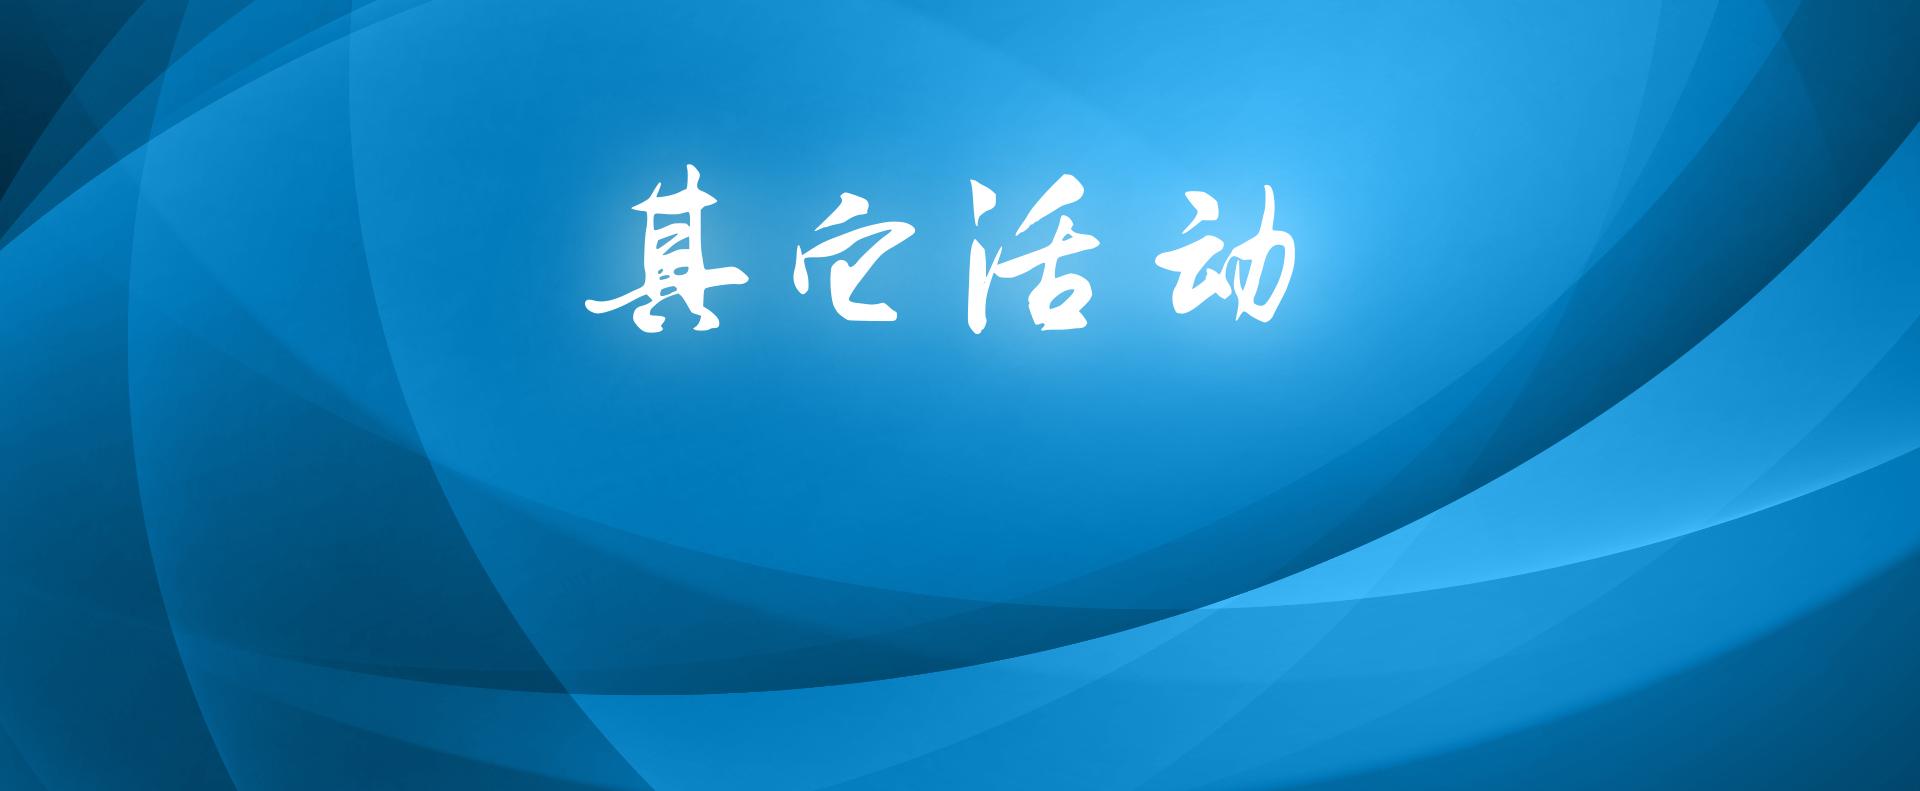 云点学堂之软件开发 - 其他活动 - 创业活动 - 创业工坊-东北创业领航者